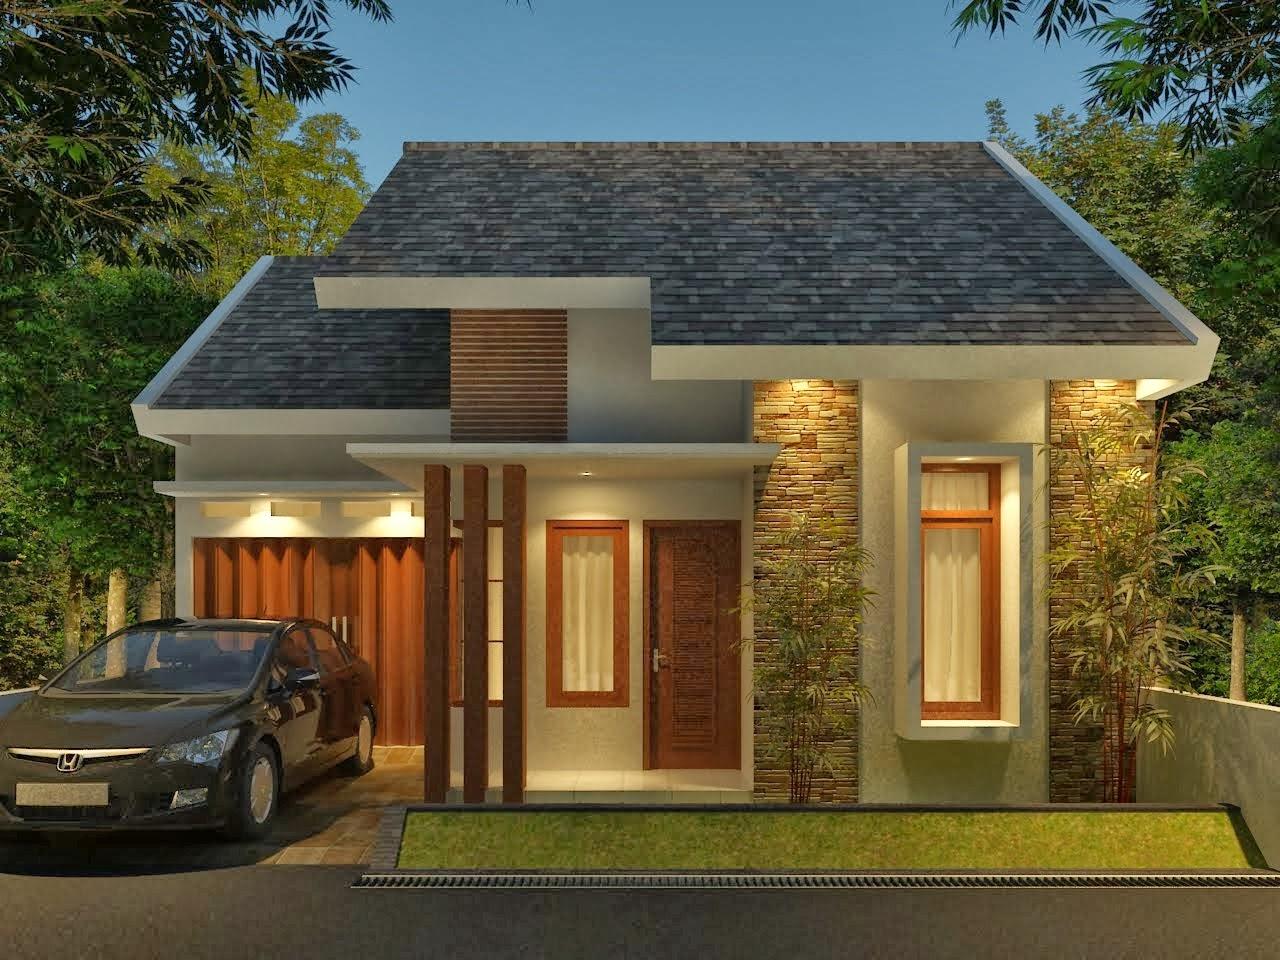 Gambar Desain Pondasi Rumah Minimalis 3 Kamar Terbaru Desain Rumah